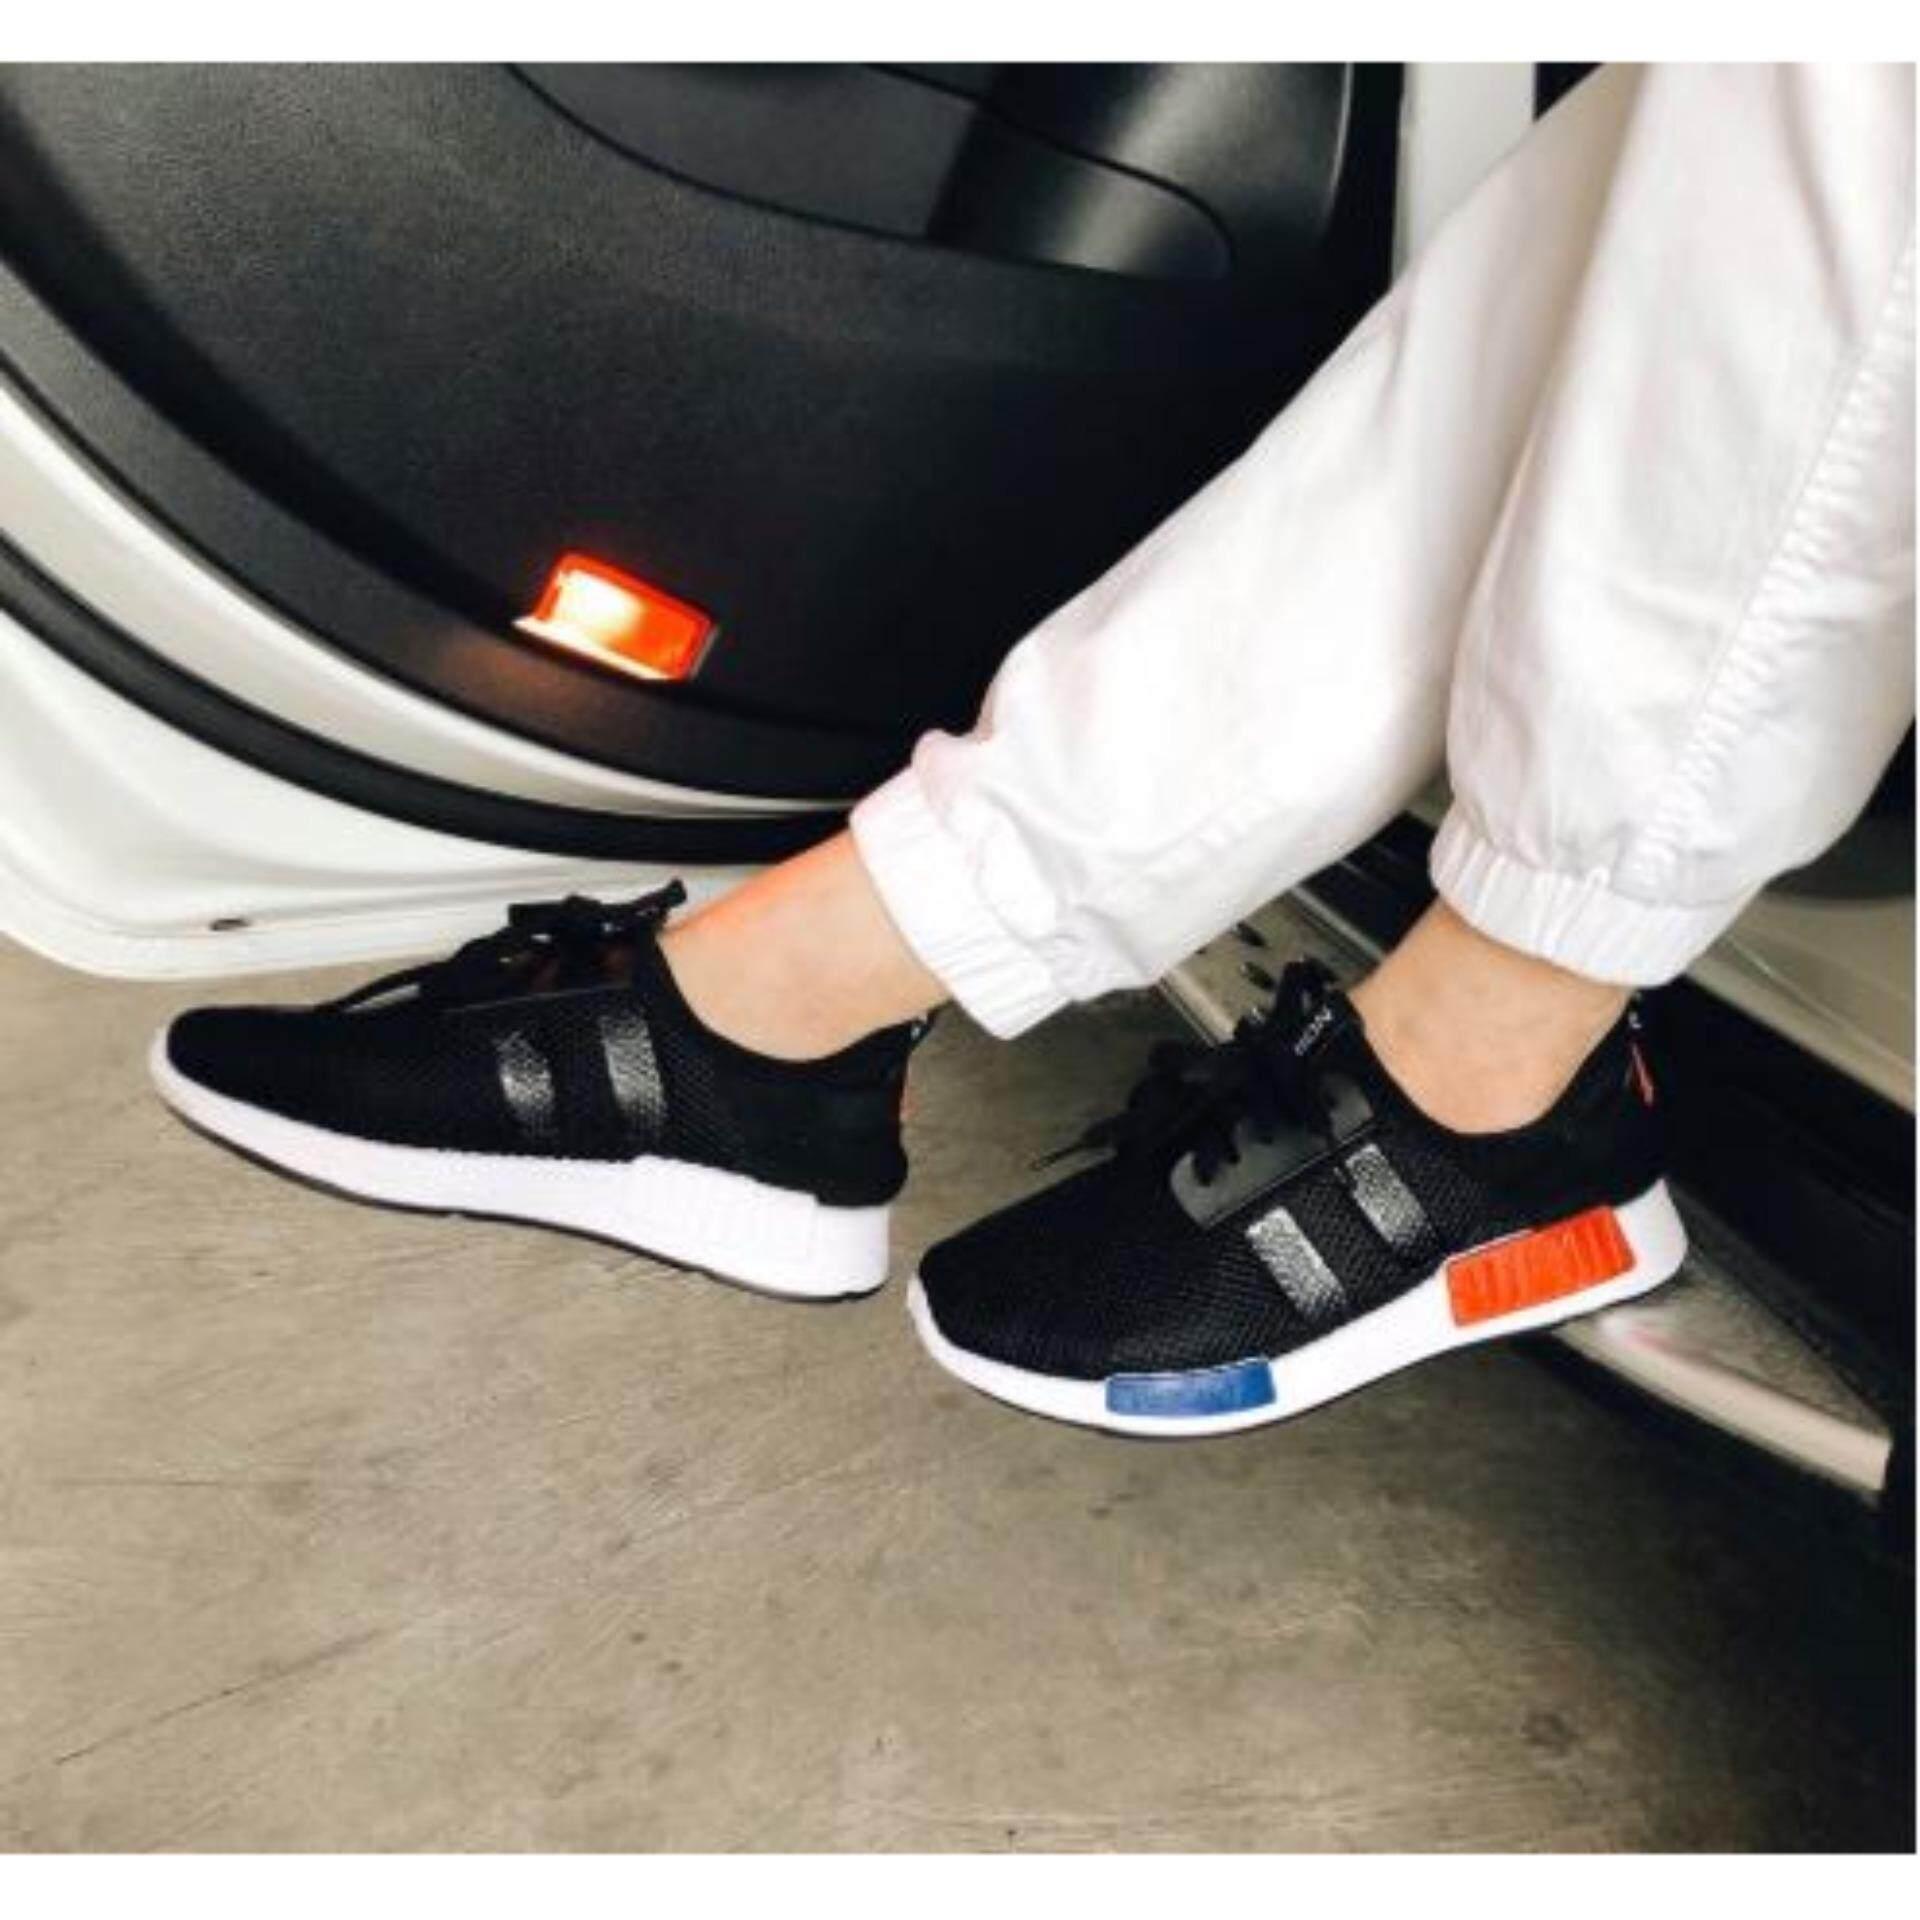 AVA รองเท้าผู้ชาย รองเท้าผ้าใบ รุ่น CM003 สีดำ